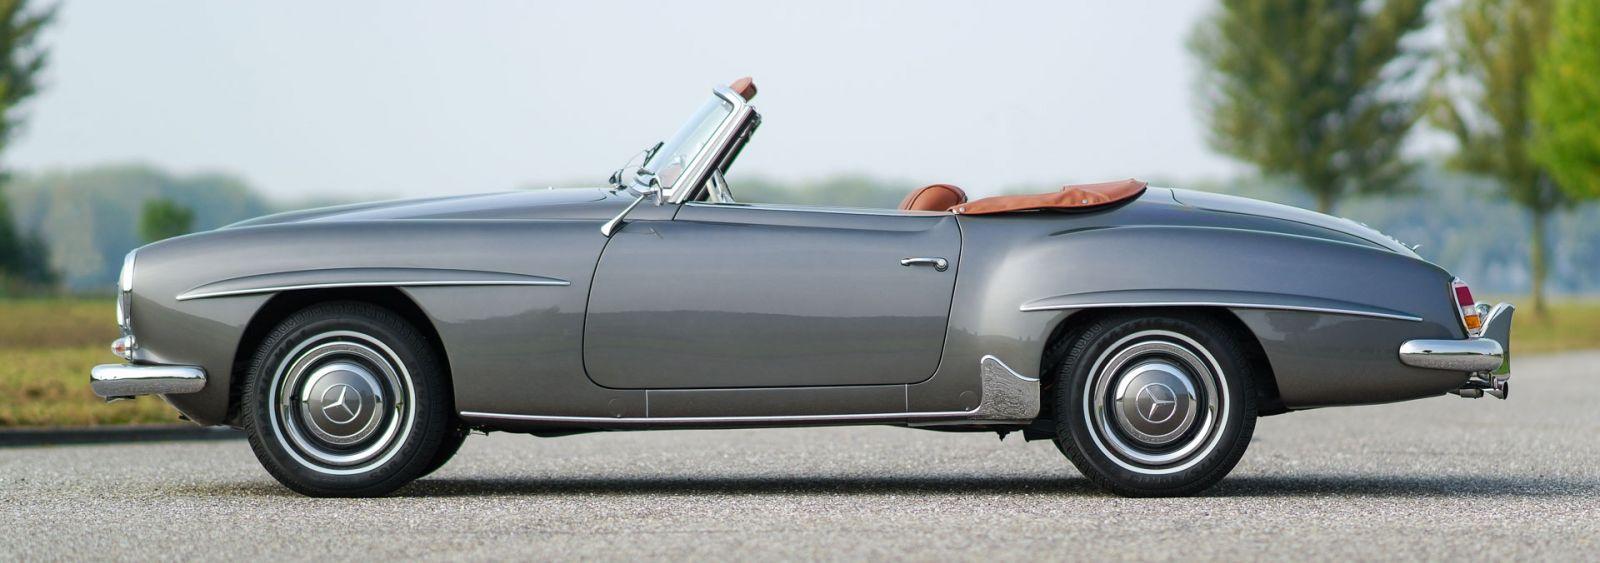 mercedes benz 190 sl 1962 classicargarage fr. Black Bedroom Furniture Sets. Home Design Ideas